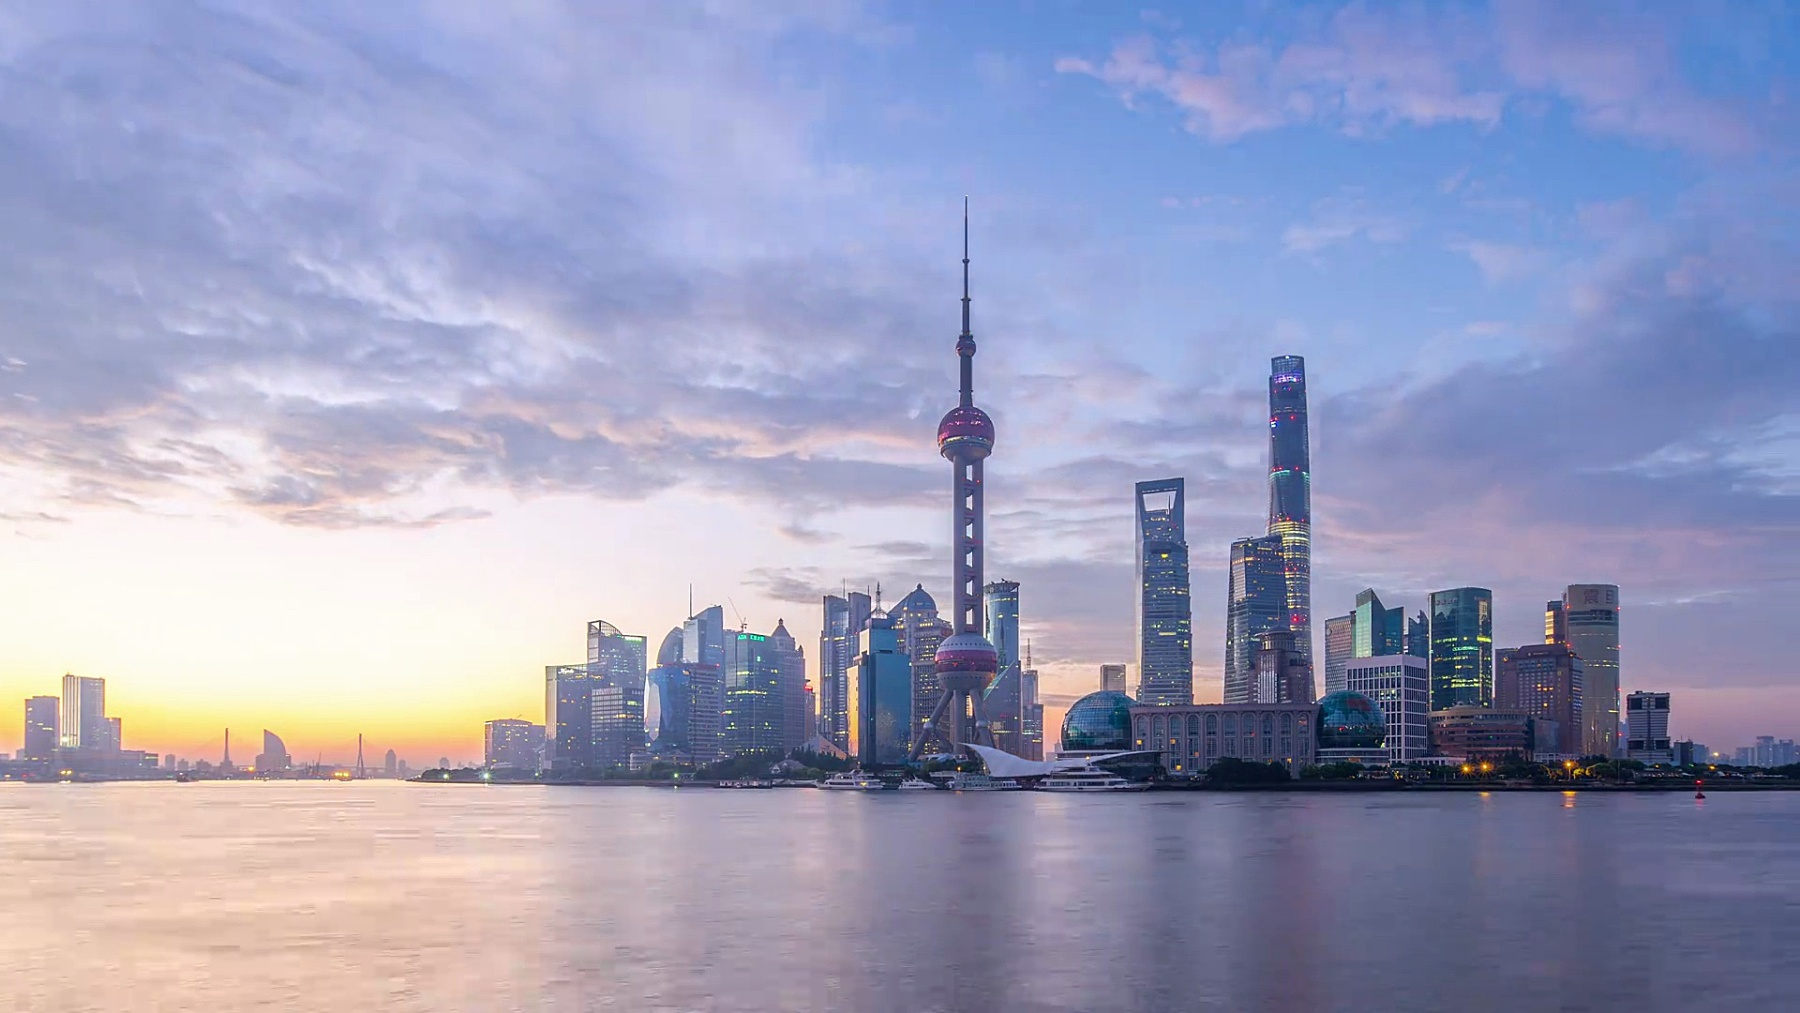 现代城市景观与上海日出,timelapse,